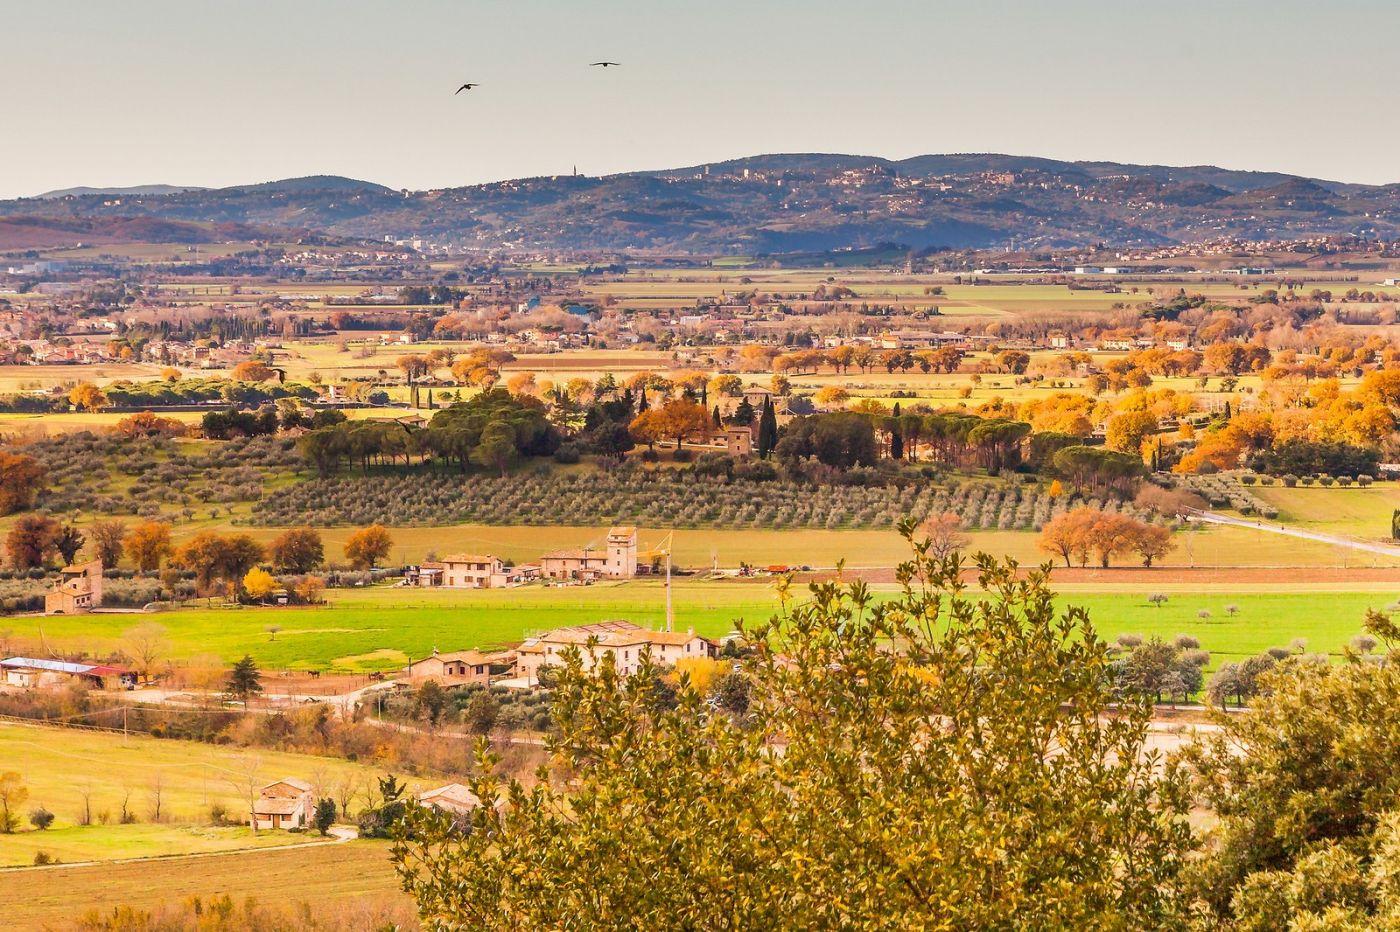 意大利阿西西(Assisi), 登高放眼_图1-3